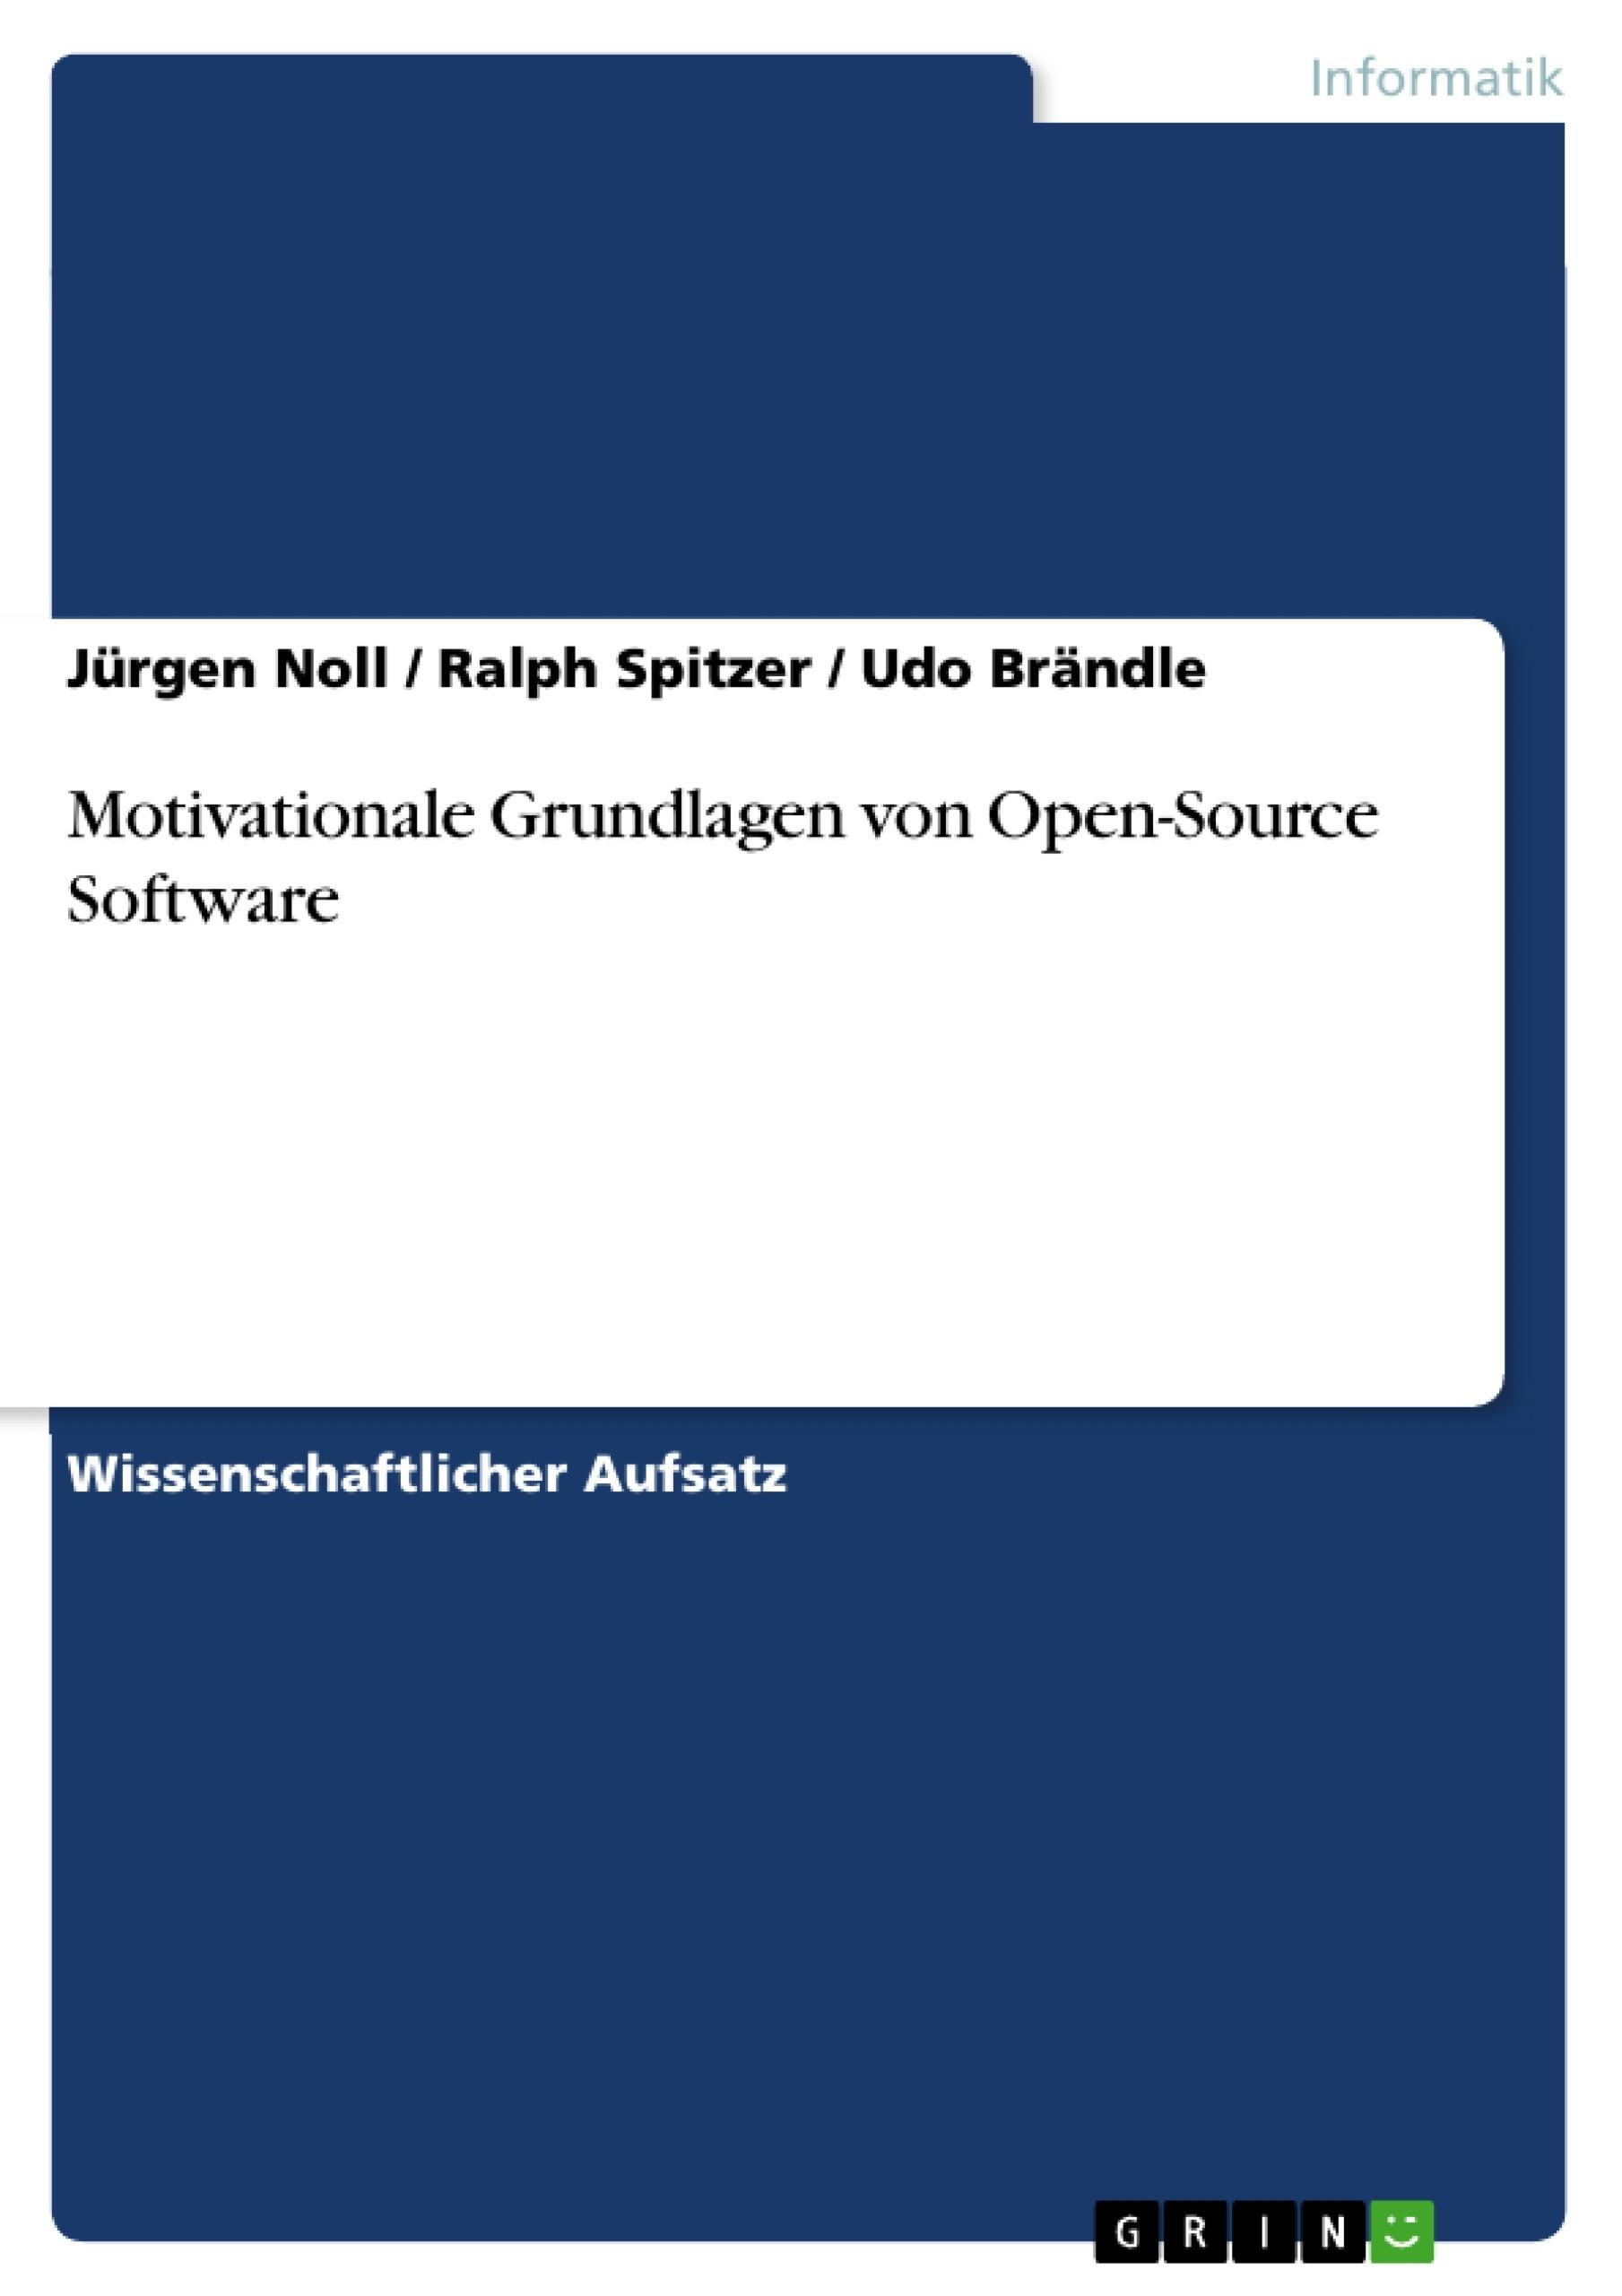 Titel: Motivationale Grundlagen von Open-Source Software